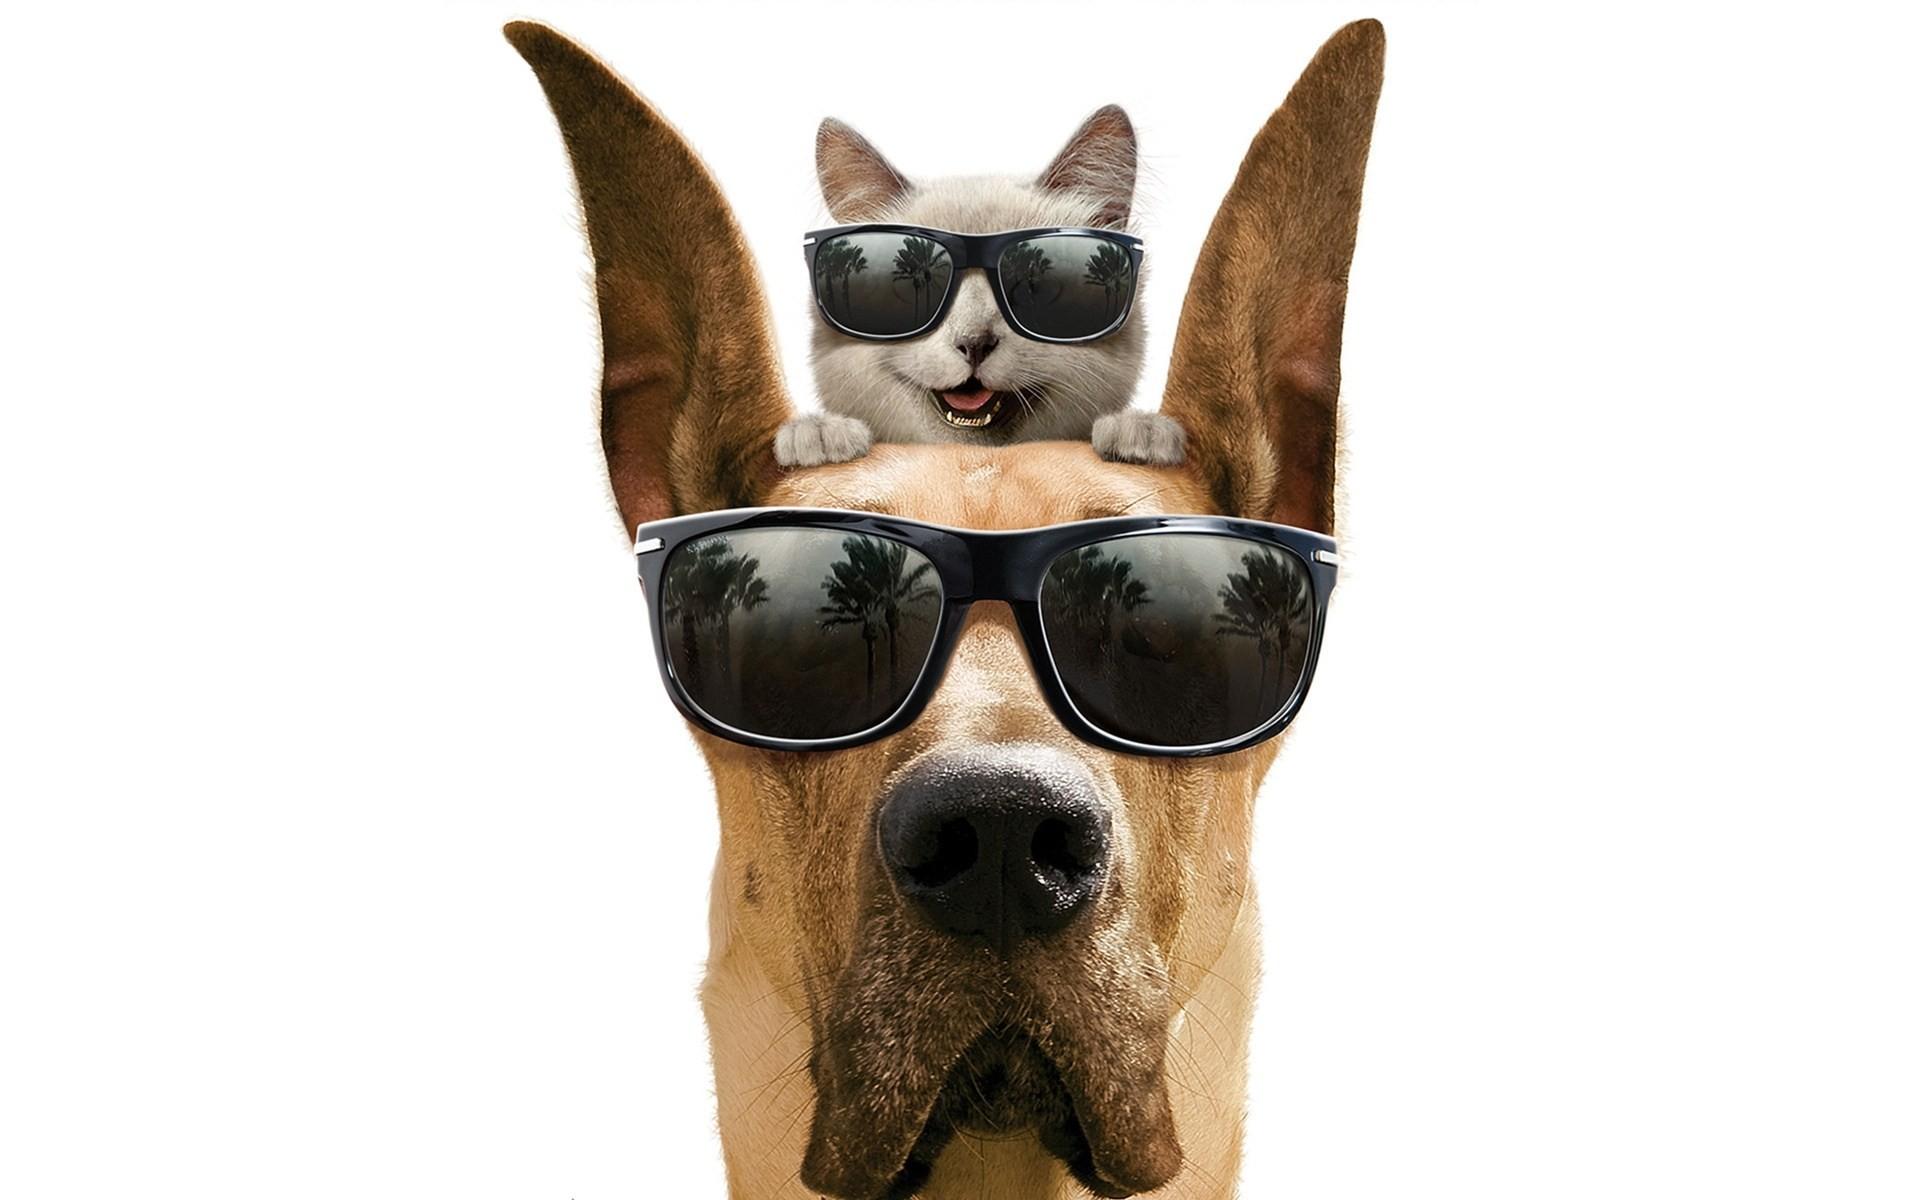 Певец собака юмор очки  № 1527342 бесплатно